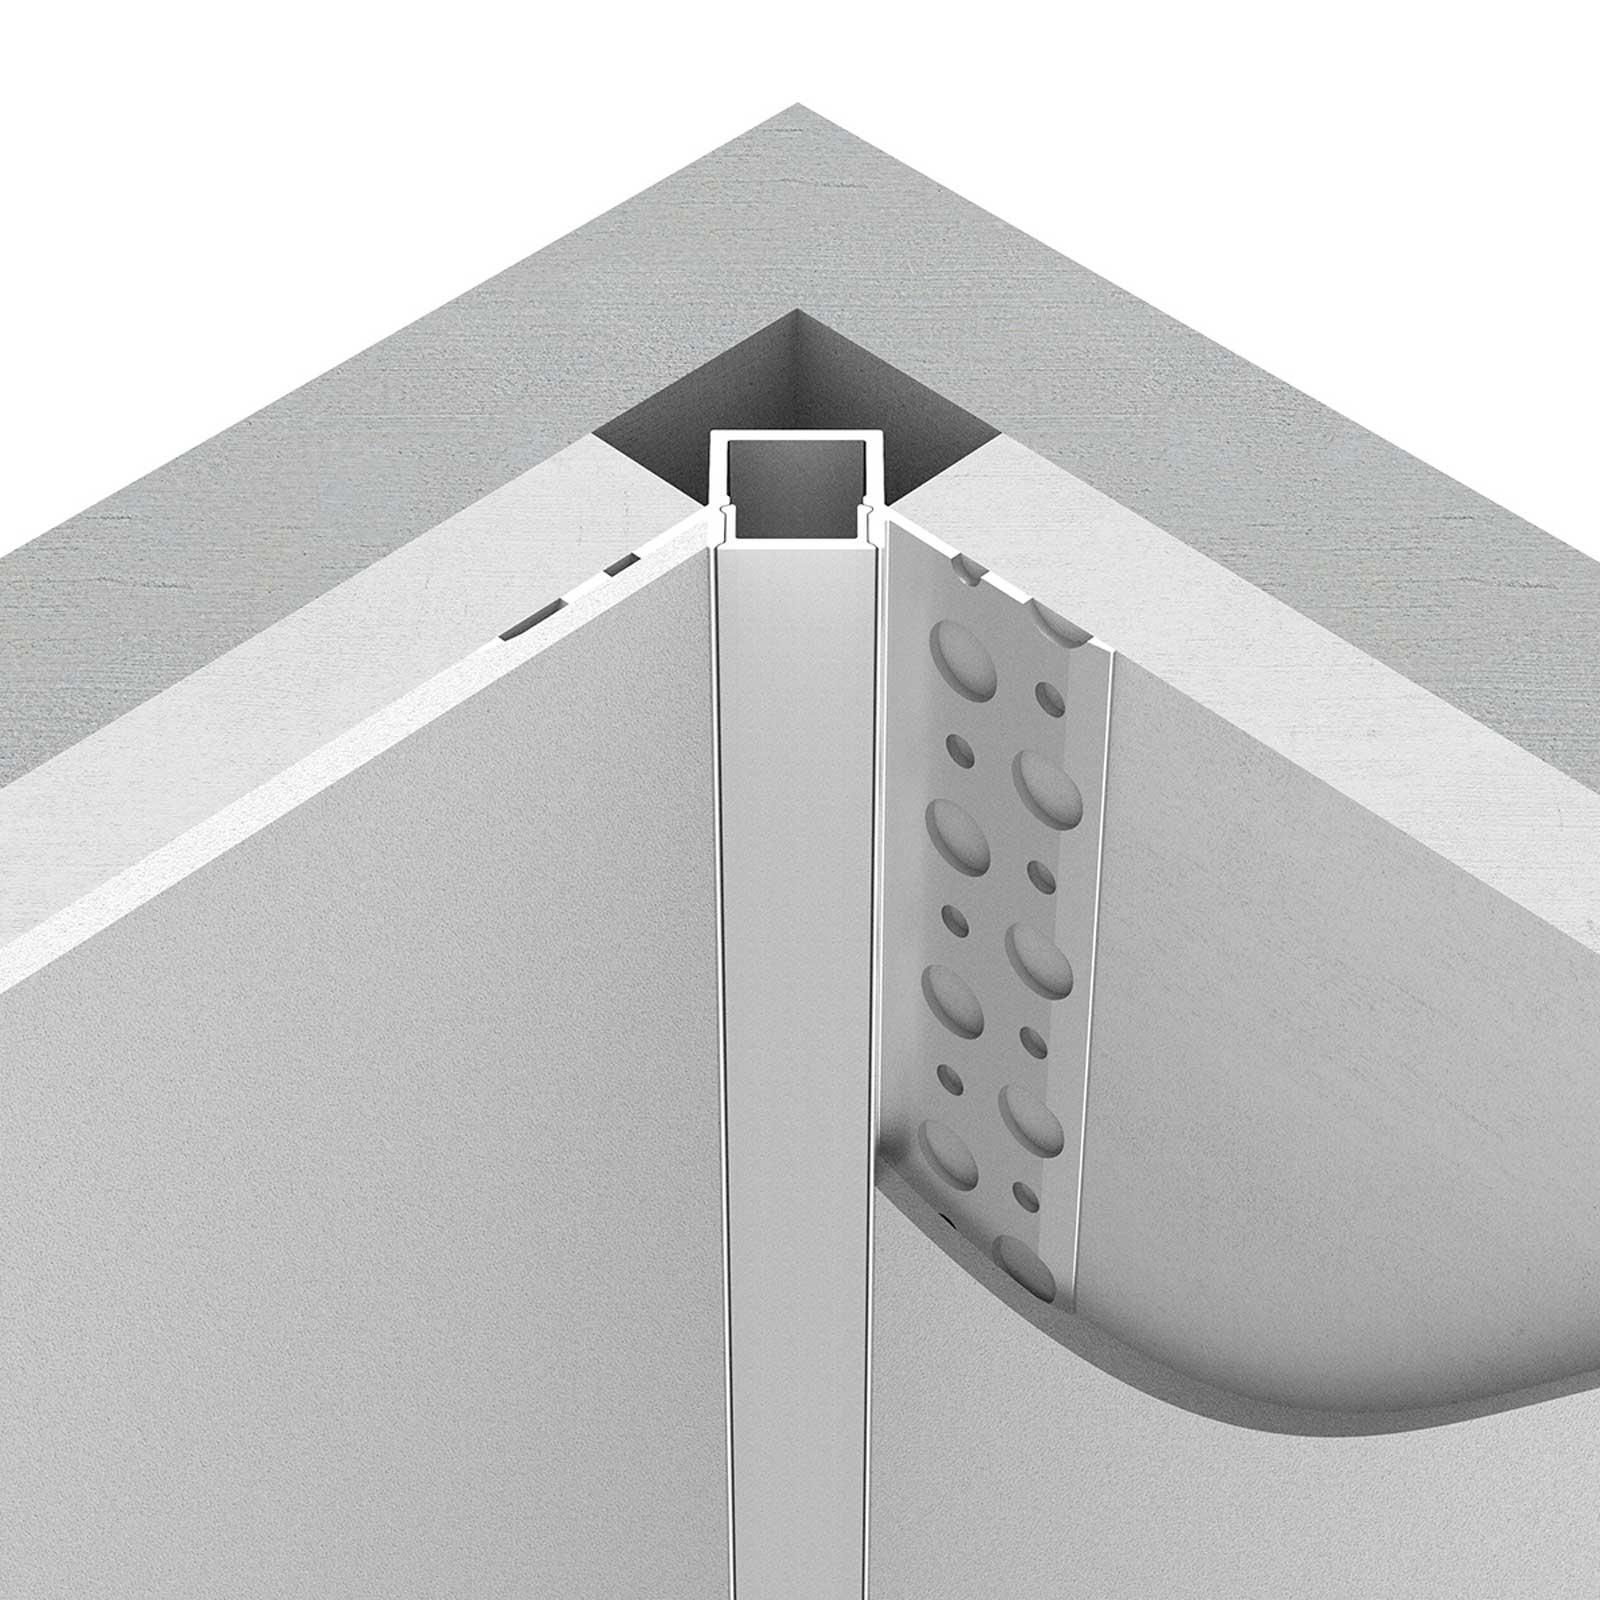 LED stucprofiel / Gips profiel  - BINNENHOEK 9 mm